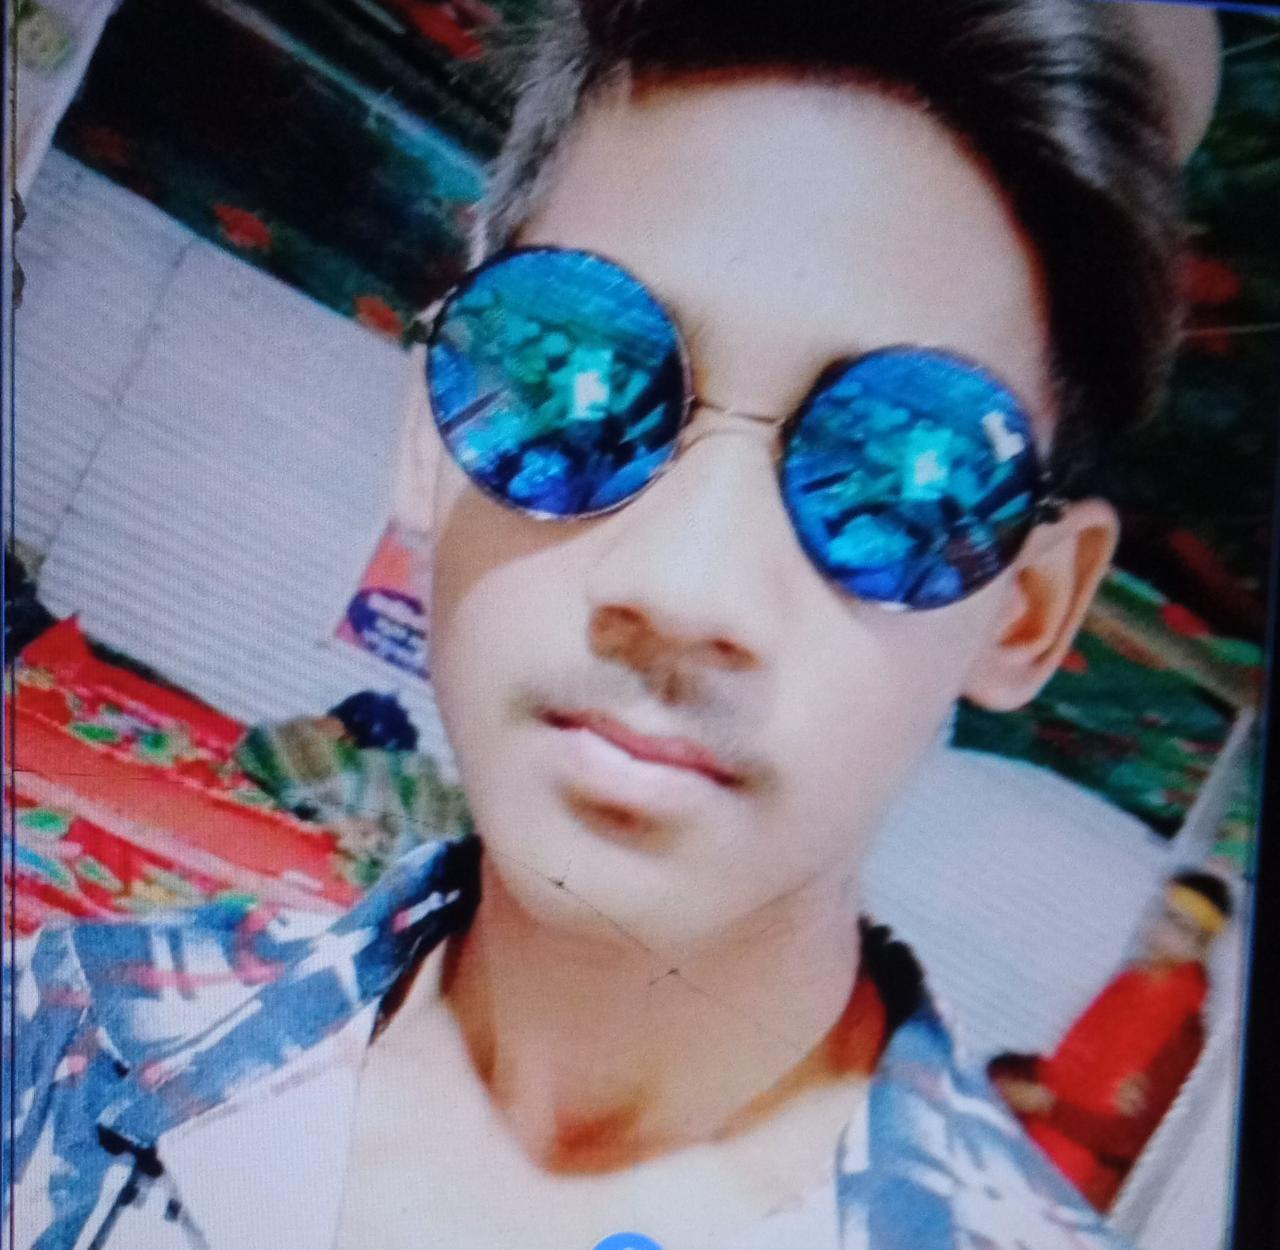 पुलिस को त्रिकोणीय प्यार में हत्या शक, दोनों आरोपियों की फतेहगंज पश्चिमी में मिली थी लोकेशन, पुलिस के पहुंचने से पहले फरार बरेली,Bareilly - Dainik Bhaskar